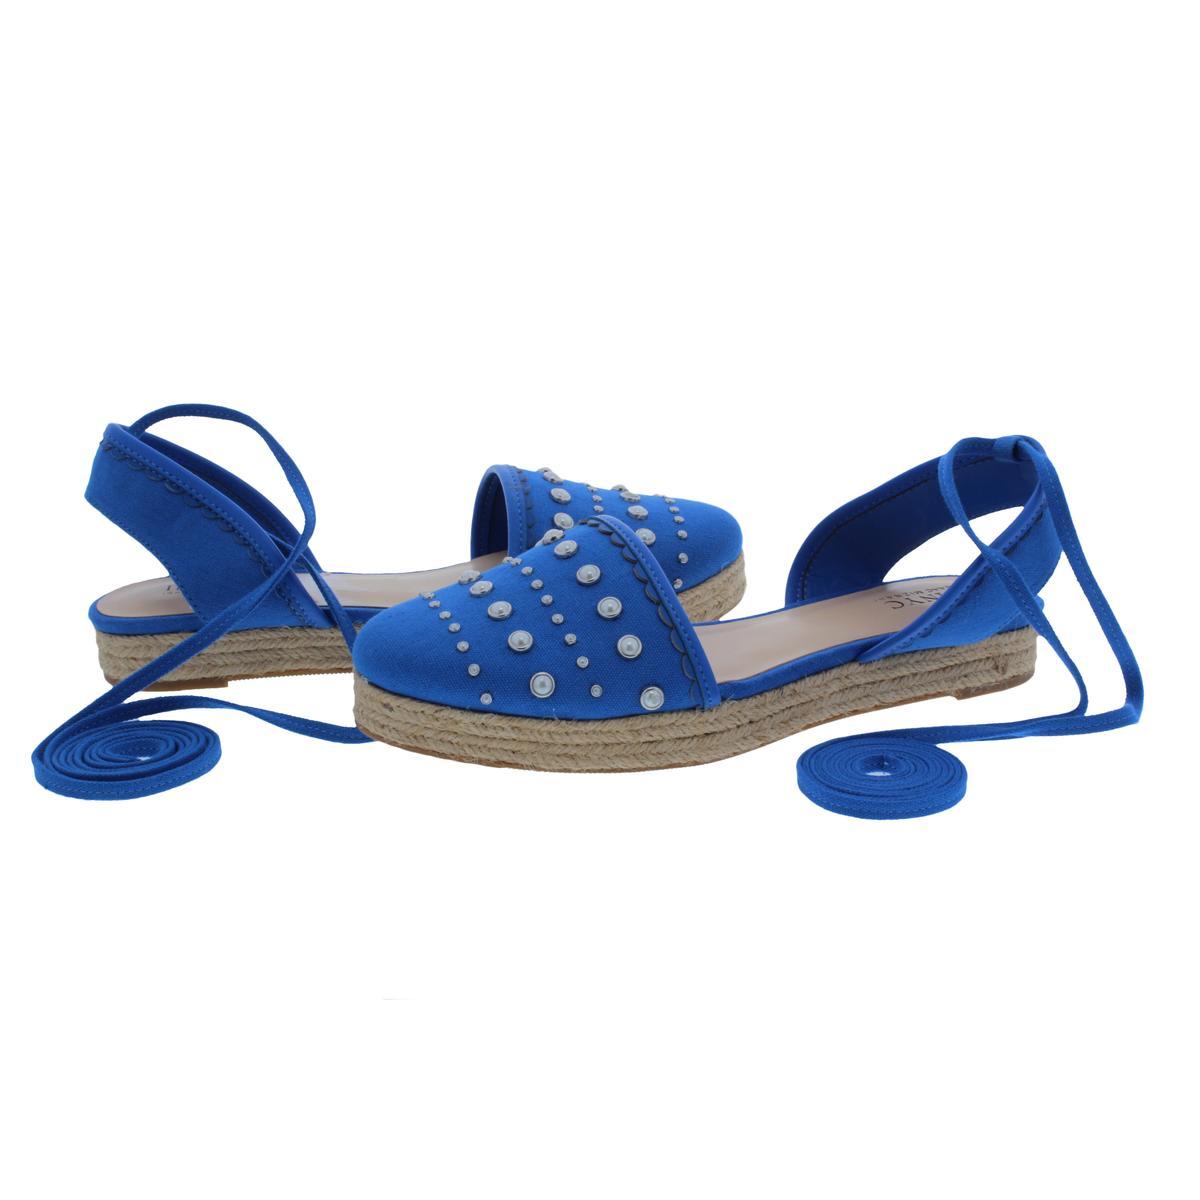 IMNYC-Isaac-Mizrahi-Womens-Hilda-Canvas-Flat-Sandals-Espadrilles-Shoes-BHFO-2640 thumbnail 10